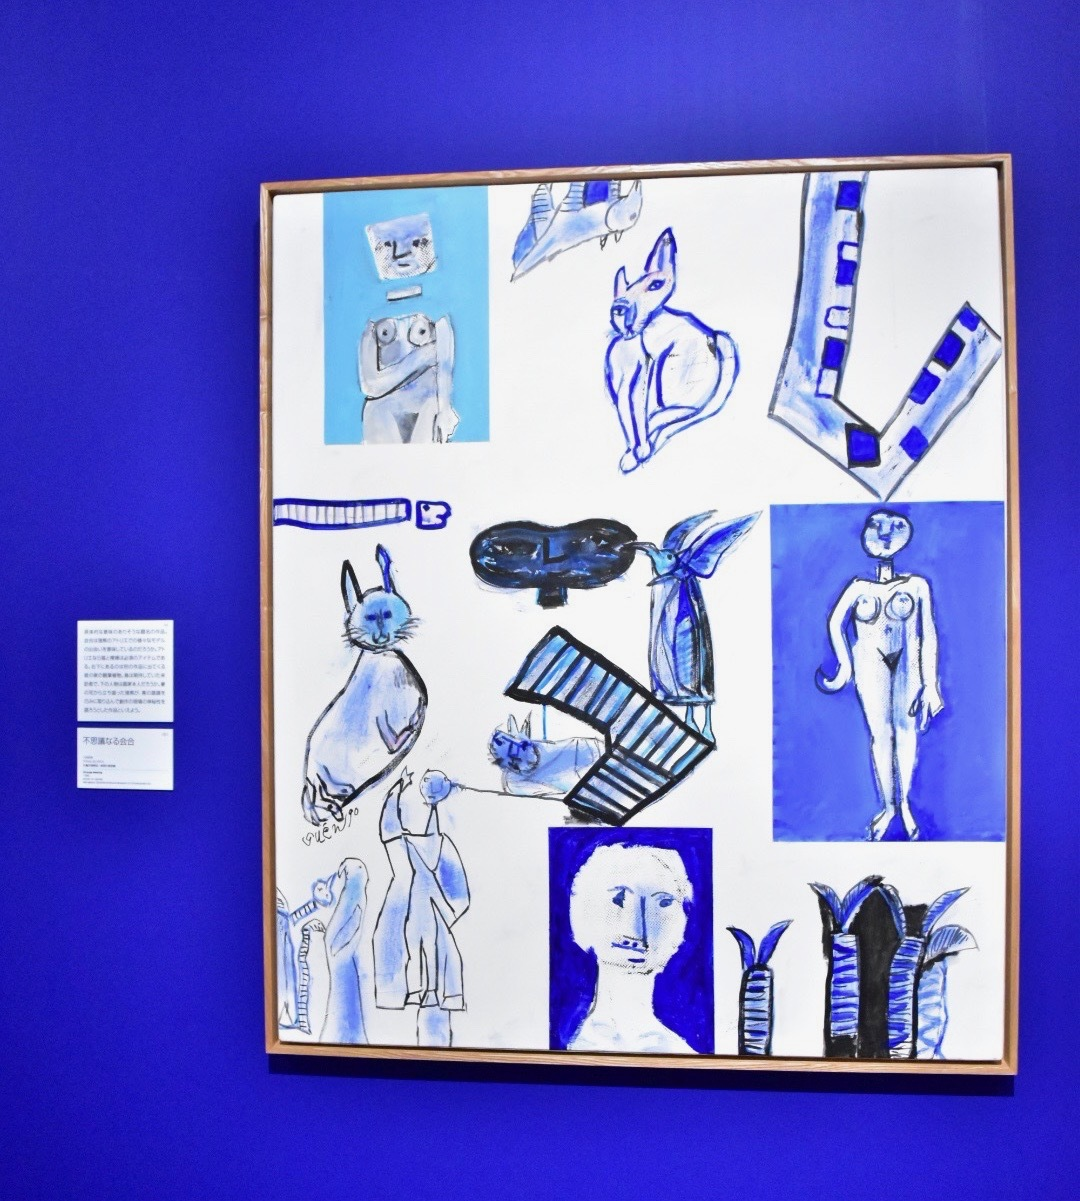 《不思議なる会合》 猪熊弦一郎 1990年 丸亀市猪熊弦一郎現代美術館